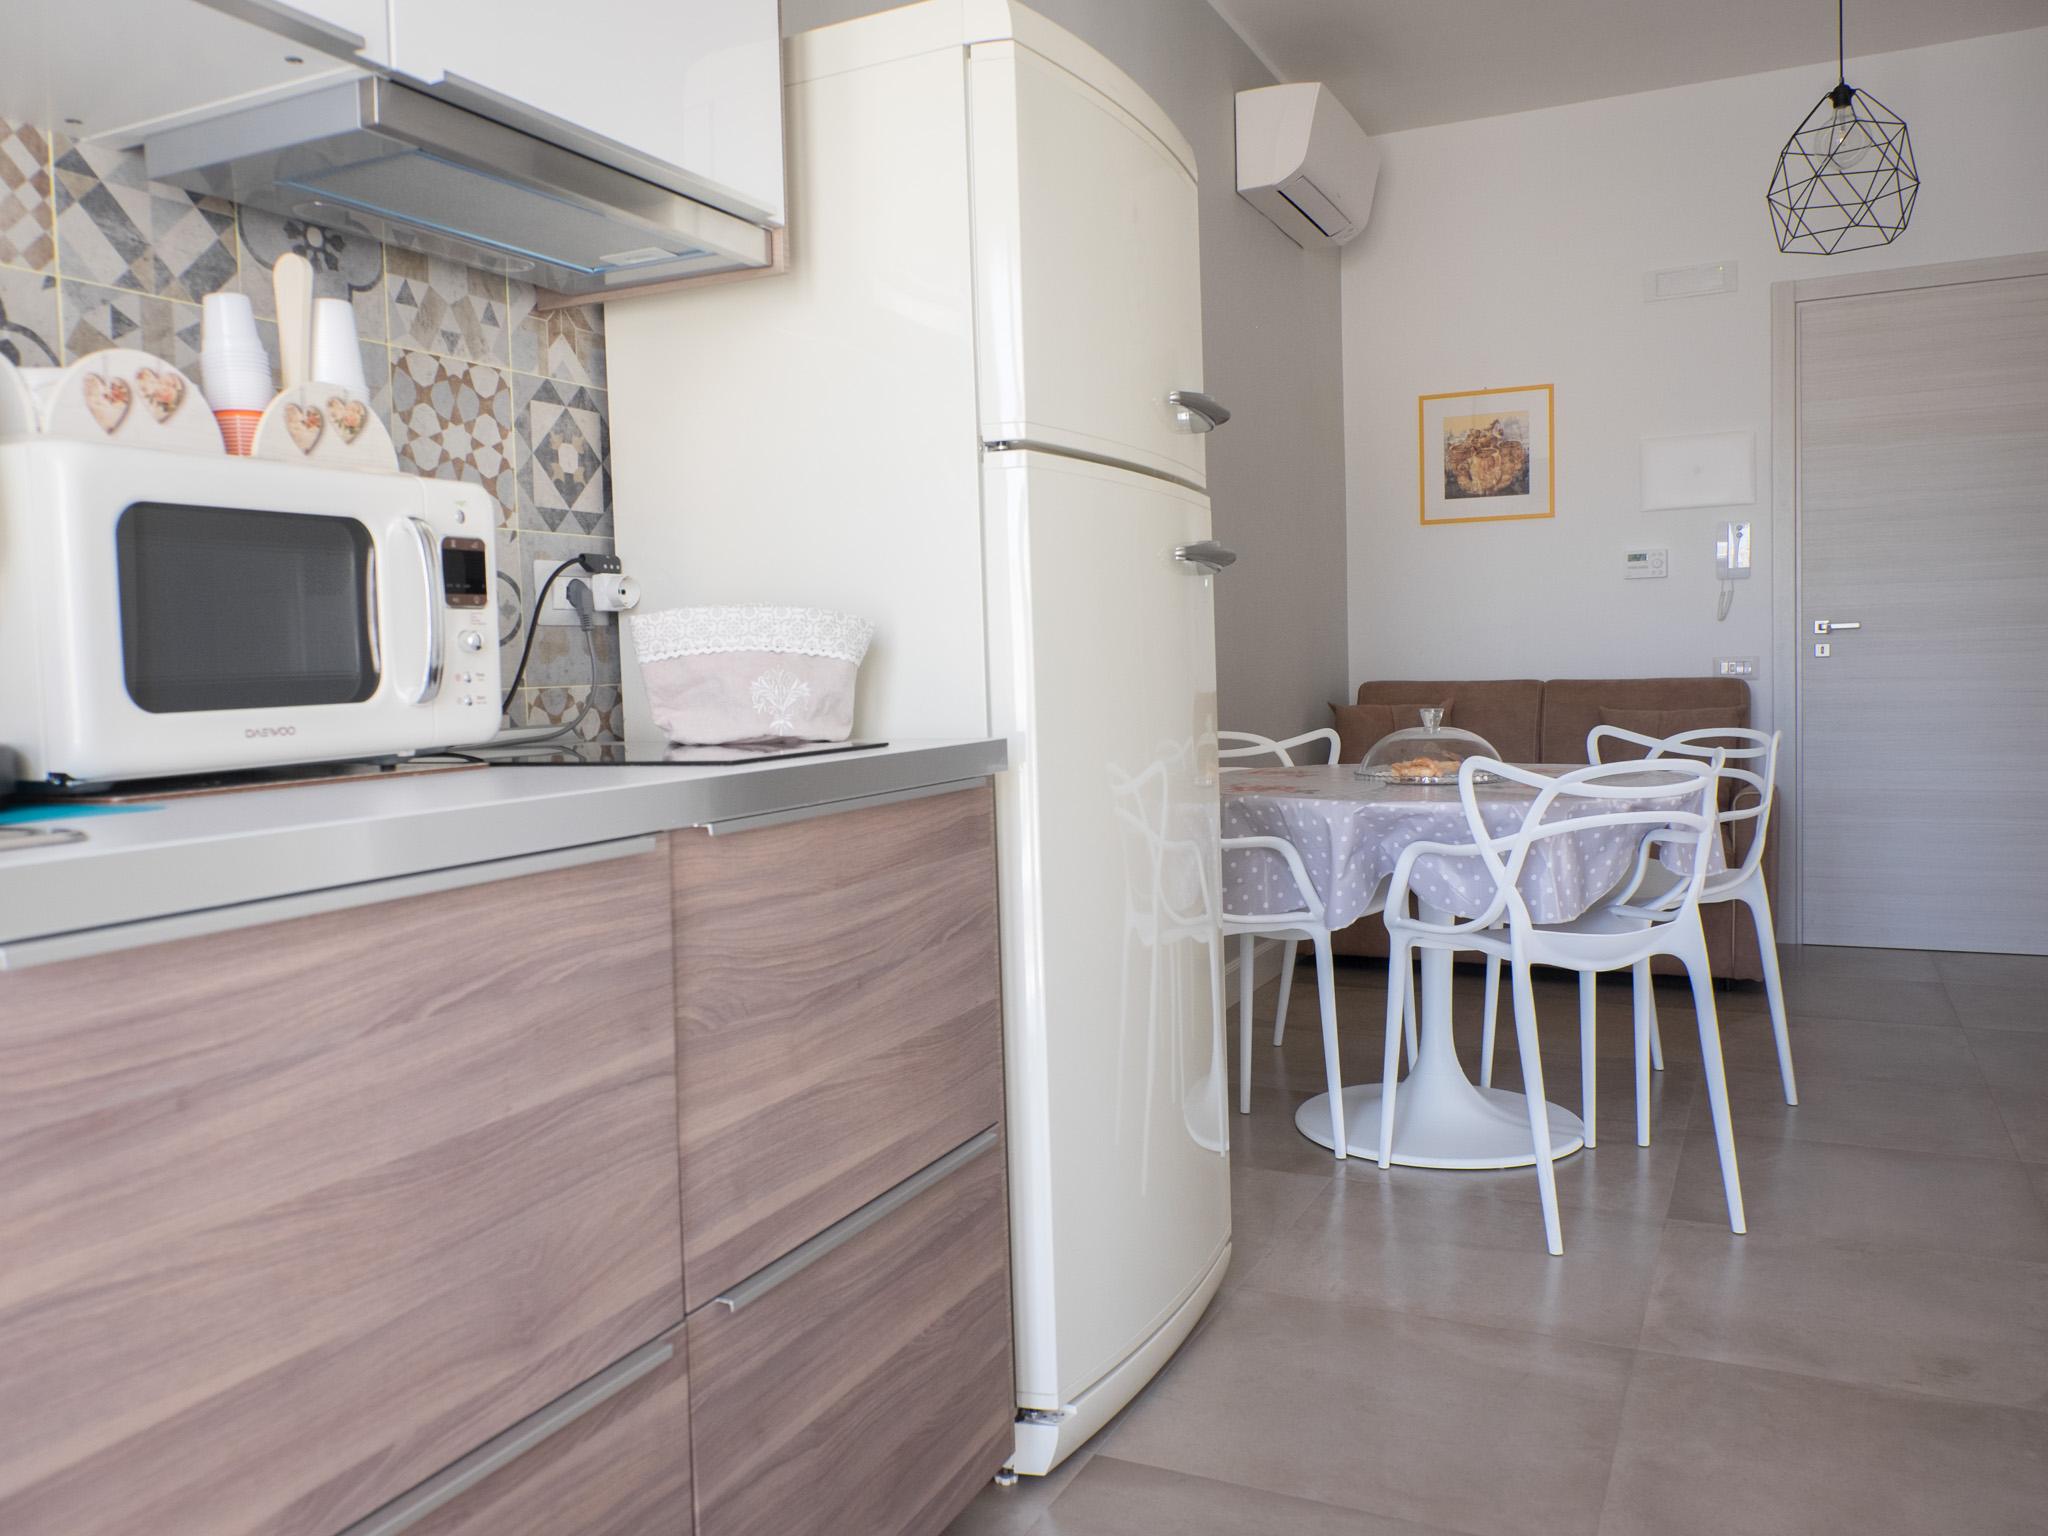 longobardi apartments la-casa-dei-nonni-casa-vacanze-bb-camere-dormire-sassi-di-matera-basilicata-51